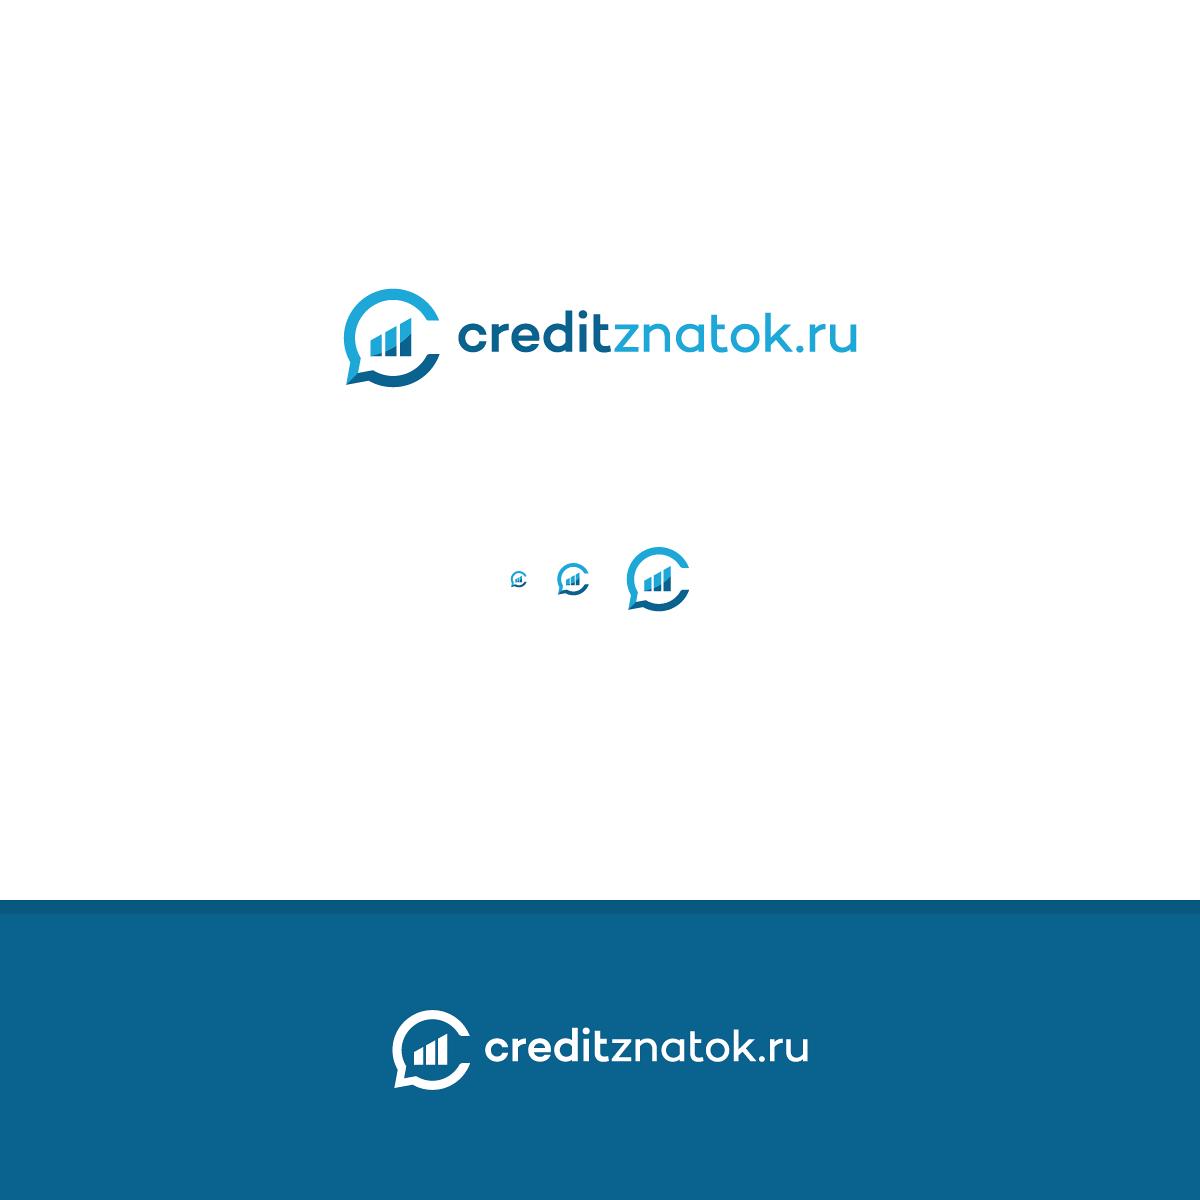 creditznatok.ru - логотип фото f_397589ac2e875dd1.png